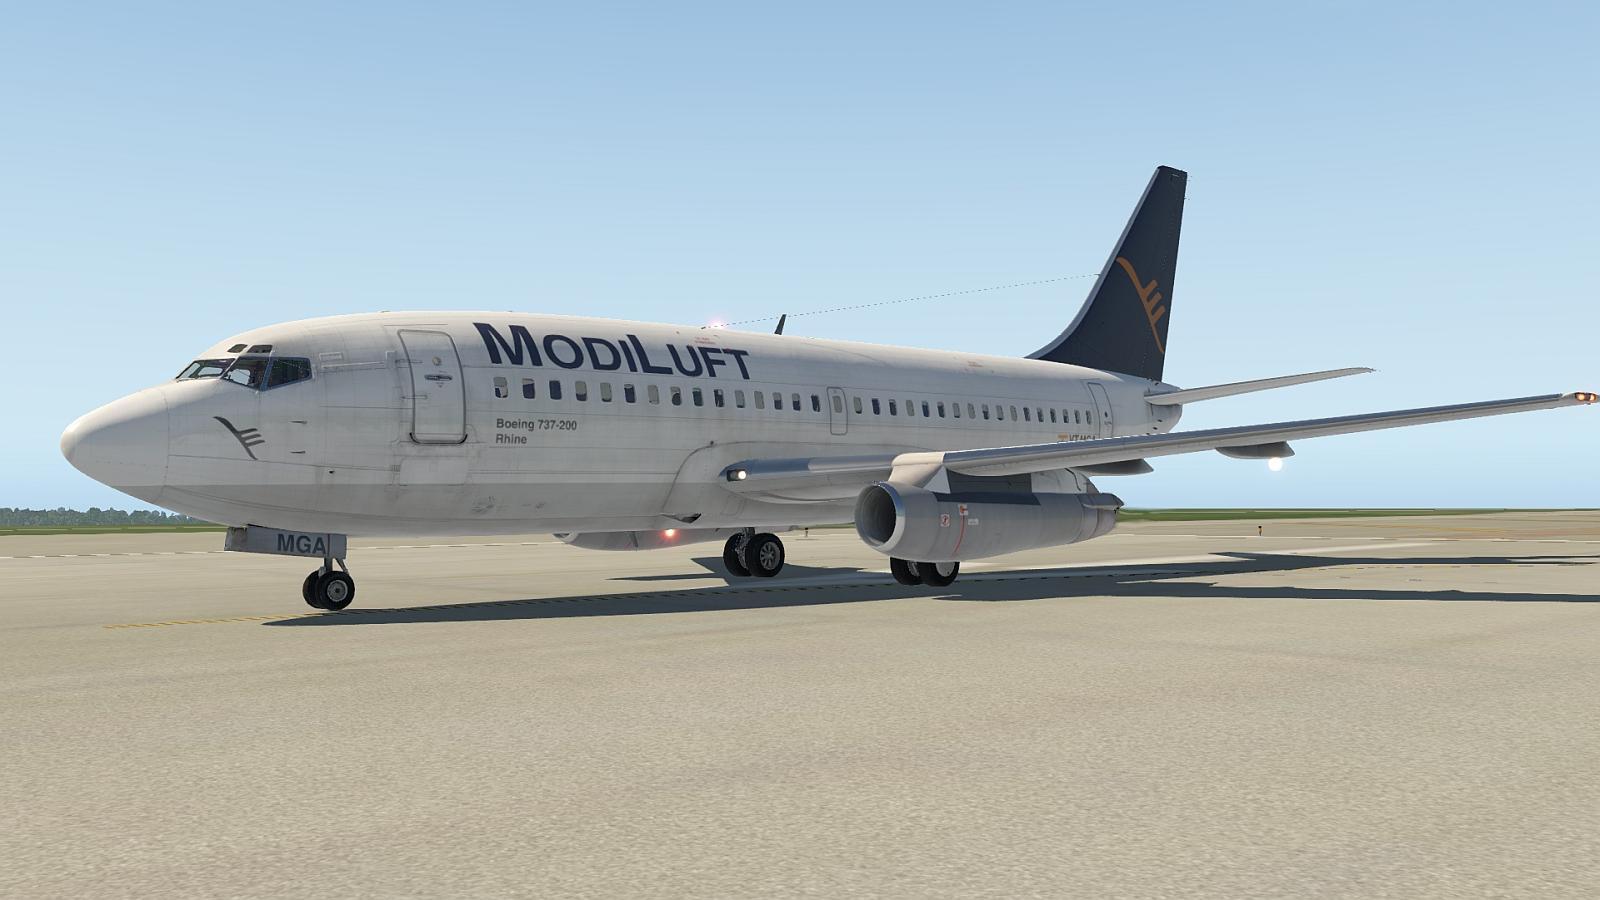 FlyJSim v3 Boeing 737-200 ModiLuft VT-MGA